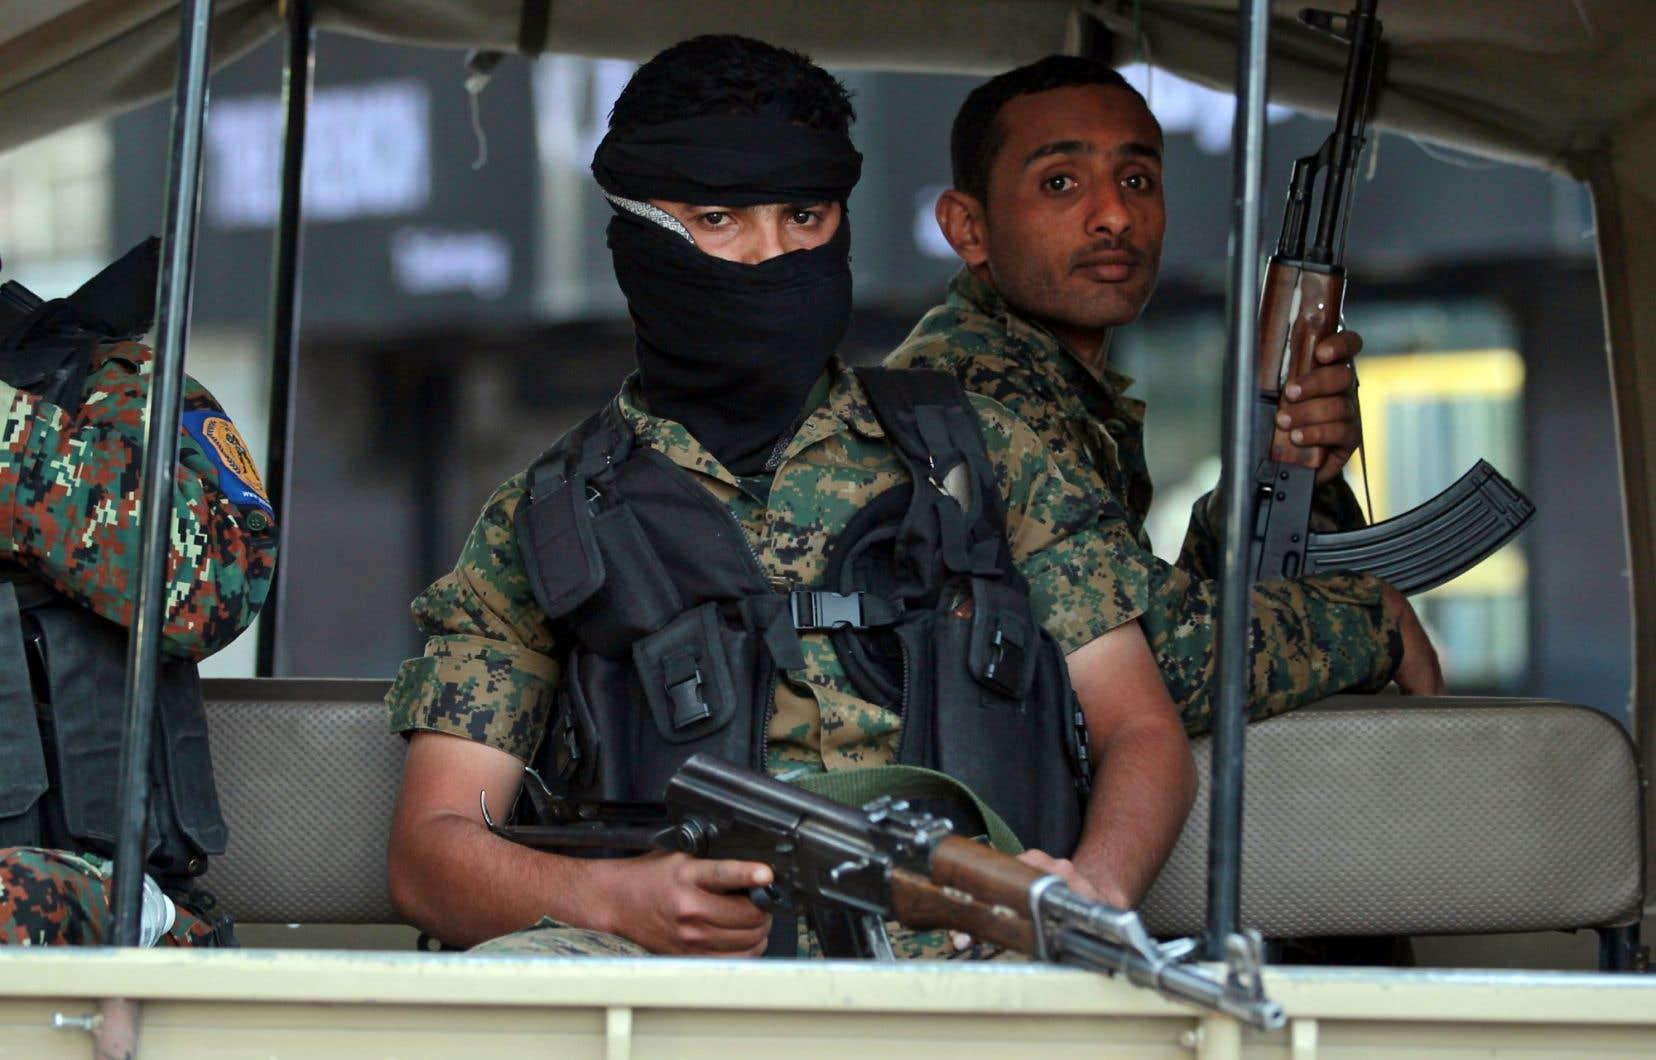 Des soldats yéménites gardaient le palais présidentiel dans la capitale du Yémen, Sanaa, vendredi.